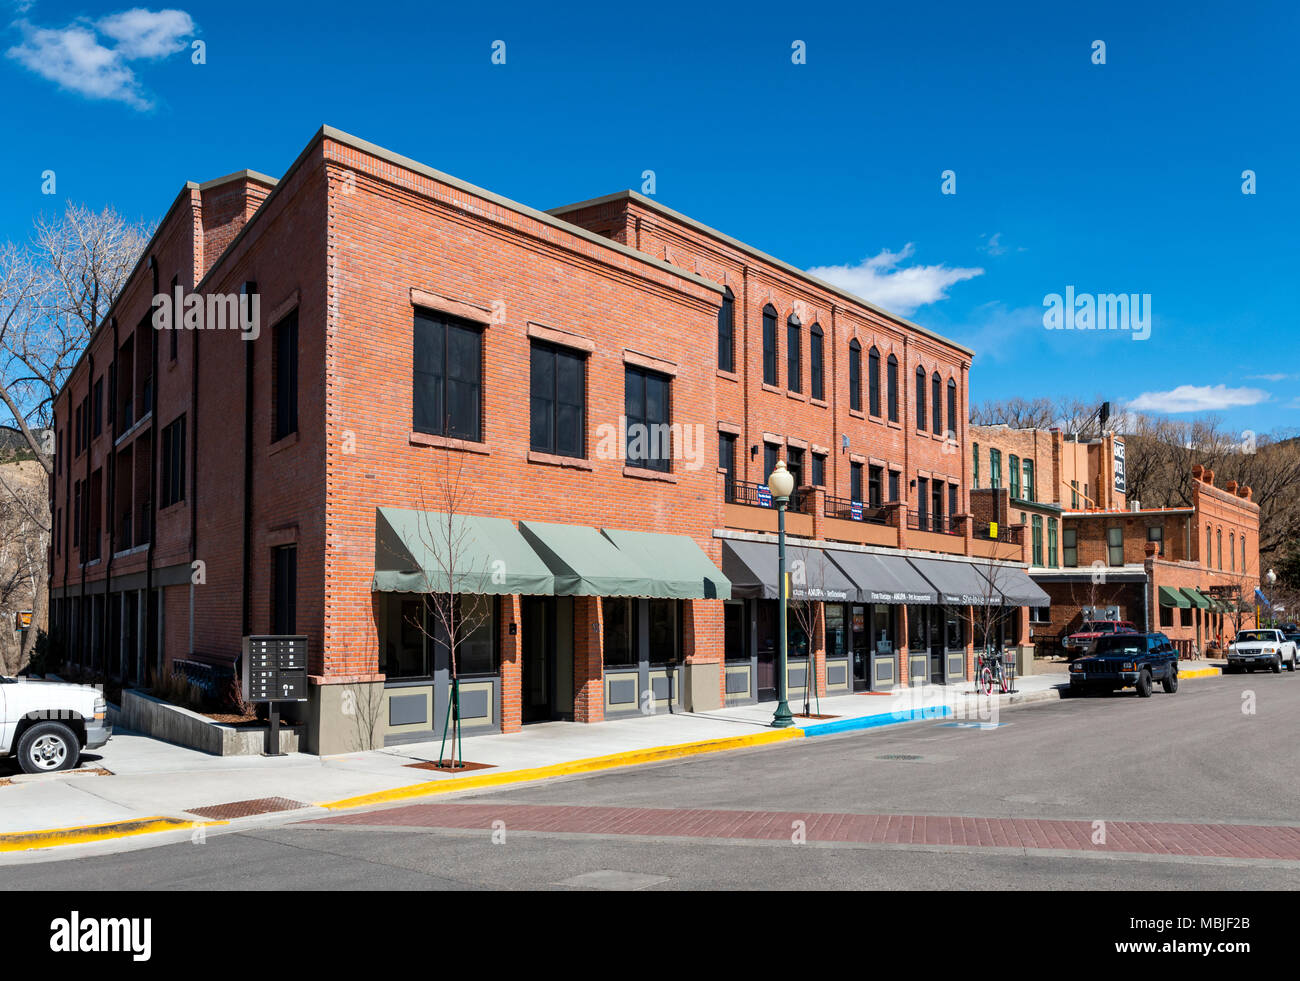 Nuevo edificio de diseño arquitectónico histórico; condominios; tiendas; aparcamiento; Salida, Colorado, EE.UU. Imagen De Stock